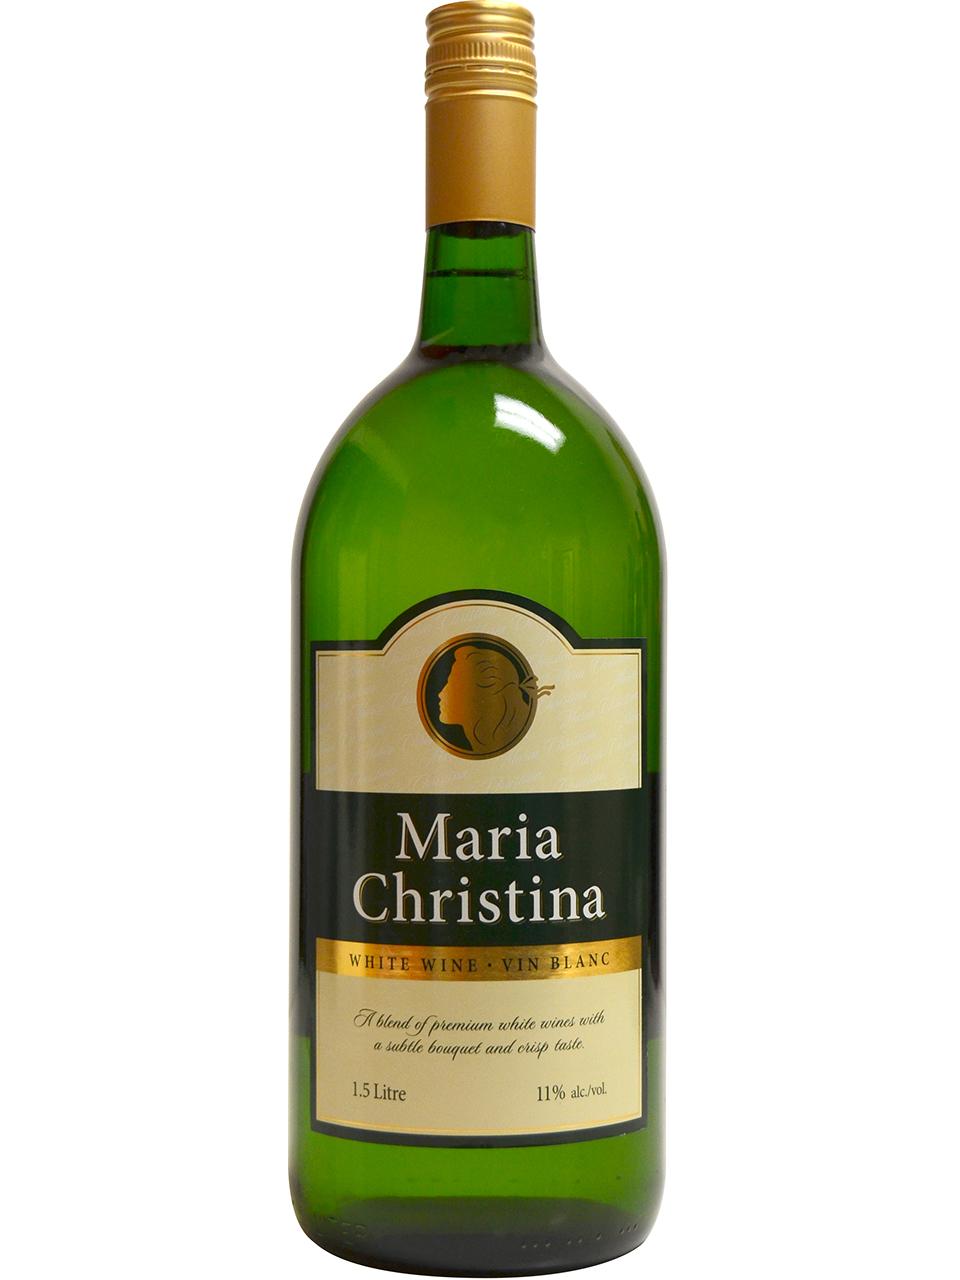 Maria Christina White